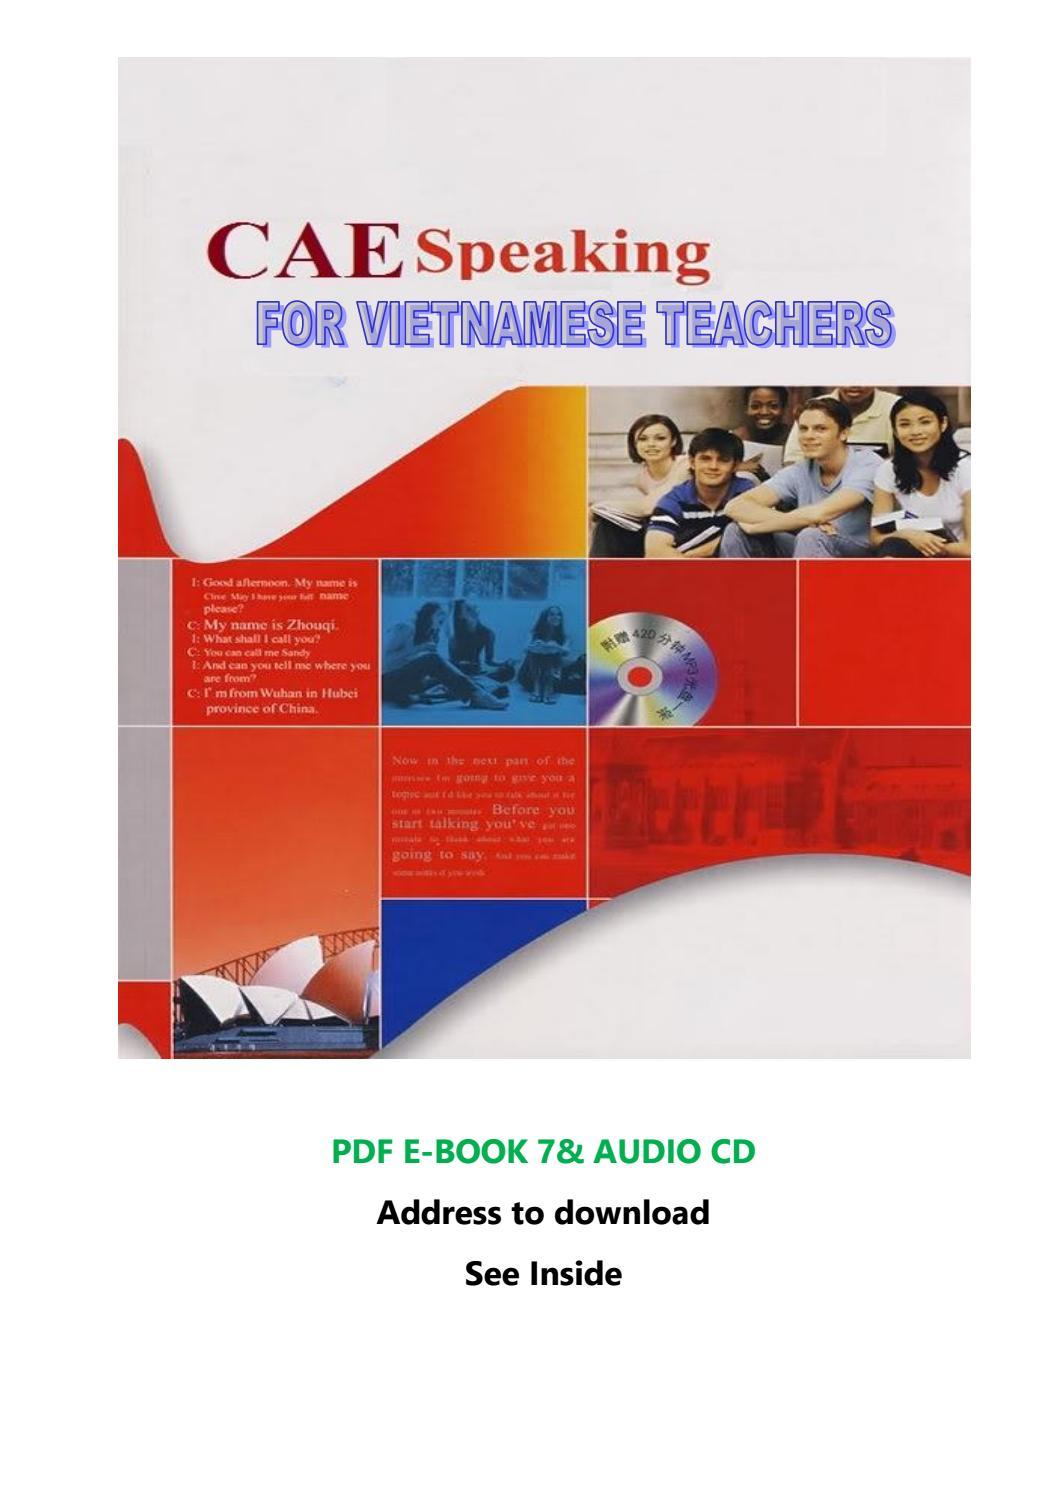 Cae speaking luyen noi anh c1 by ThuVan Bui - issuu